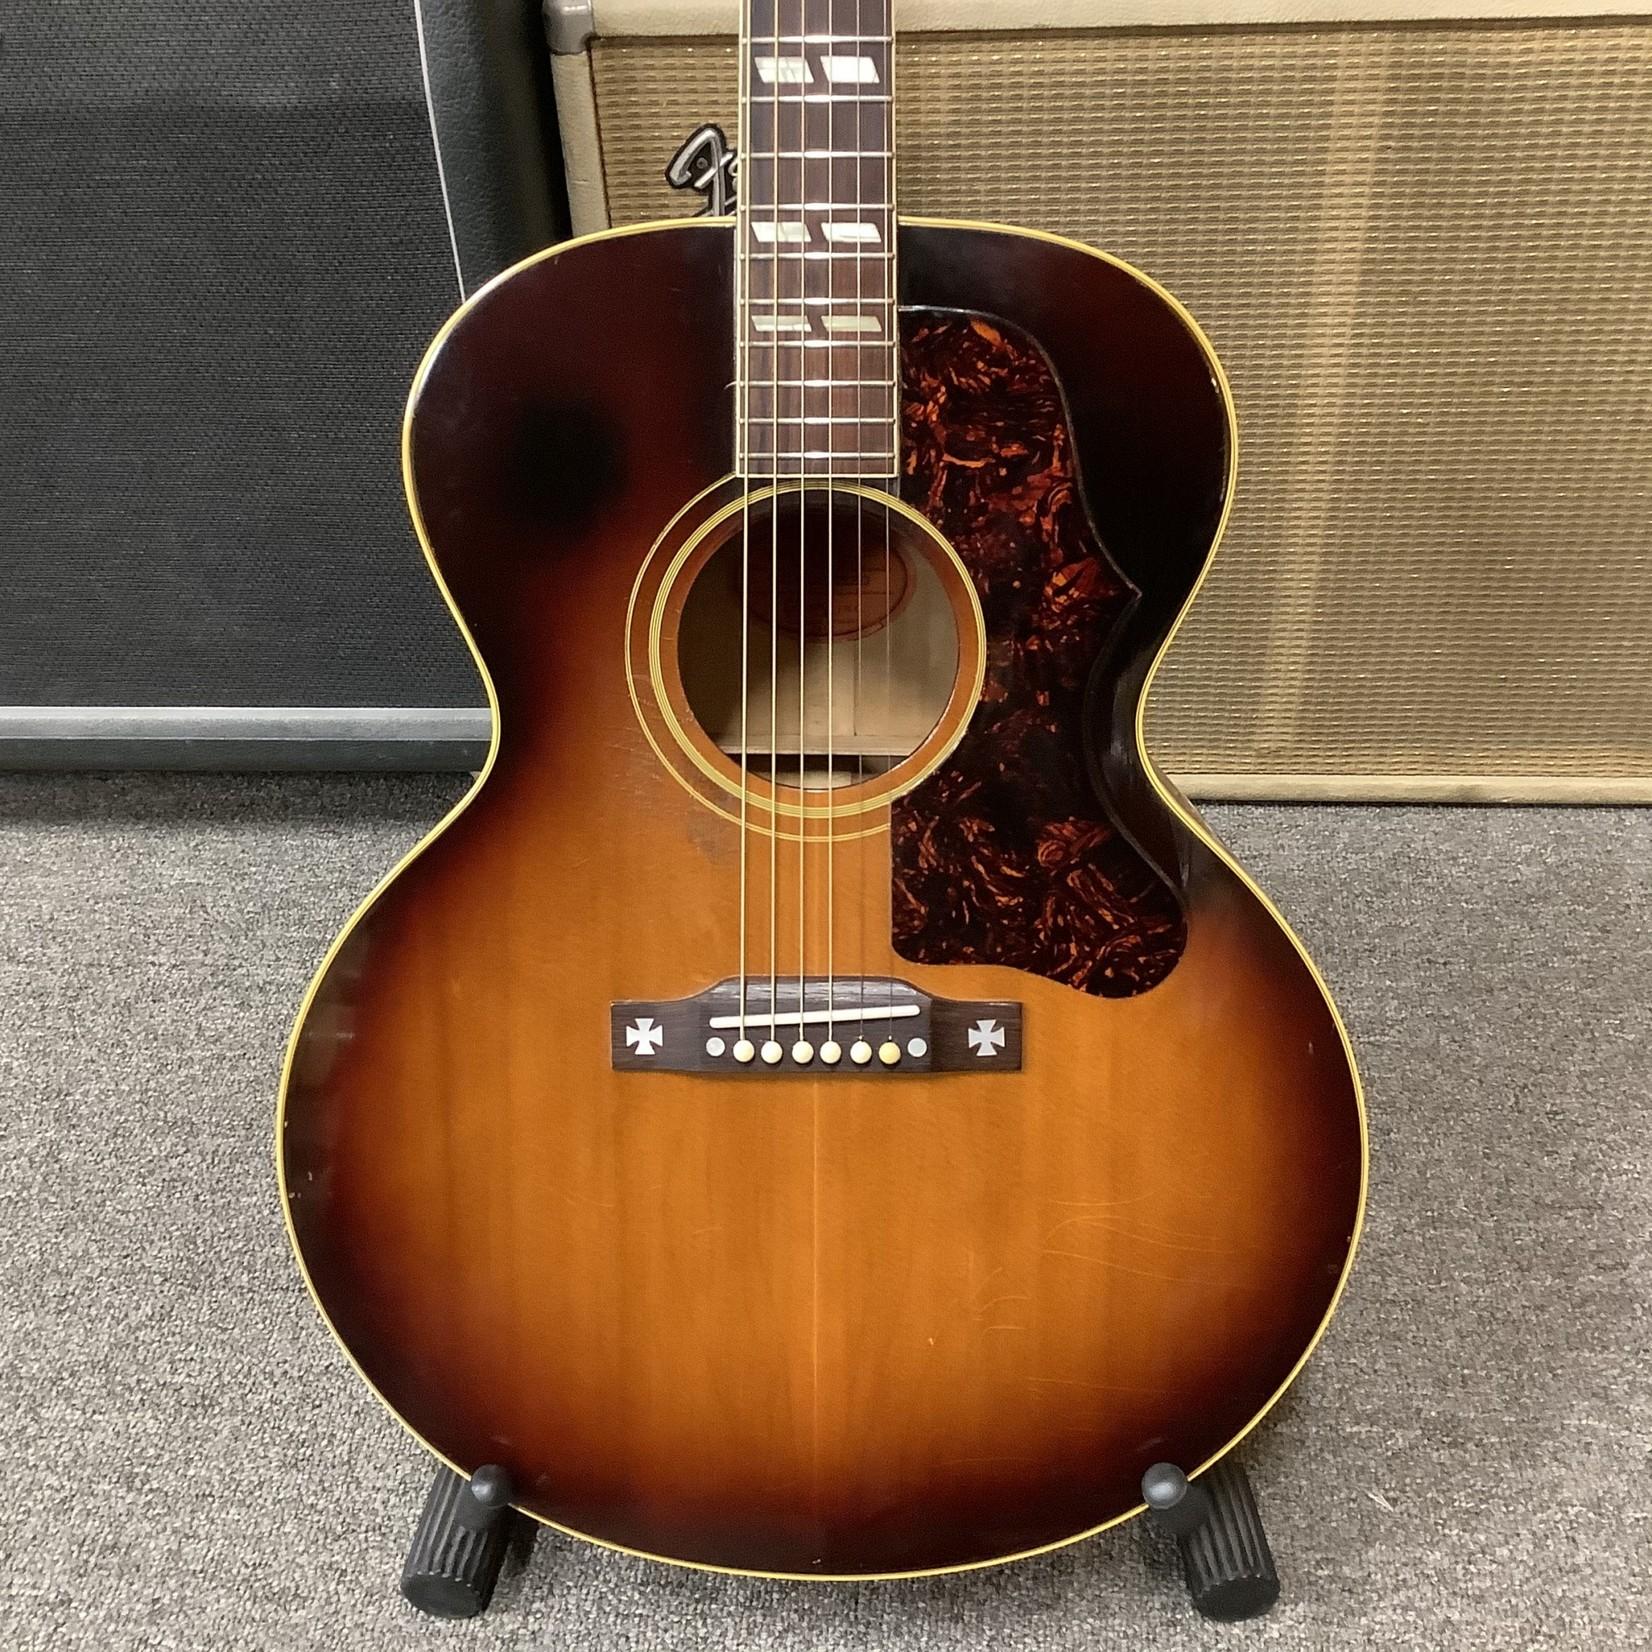 Gibson 1957 Gibson J185 Sunburst Re-Fret